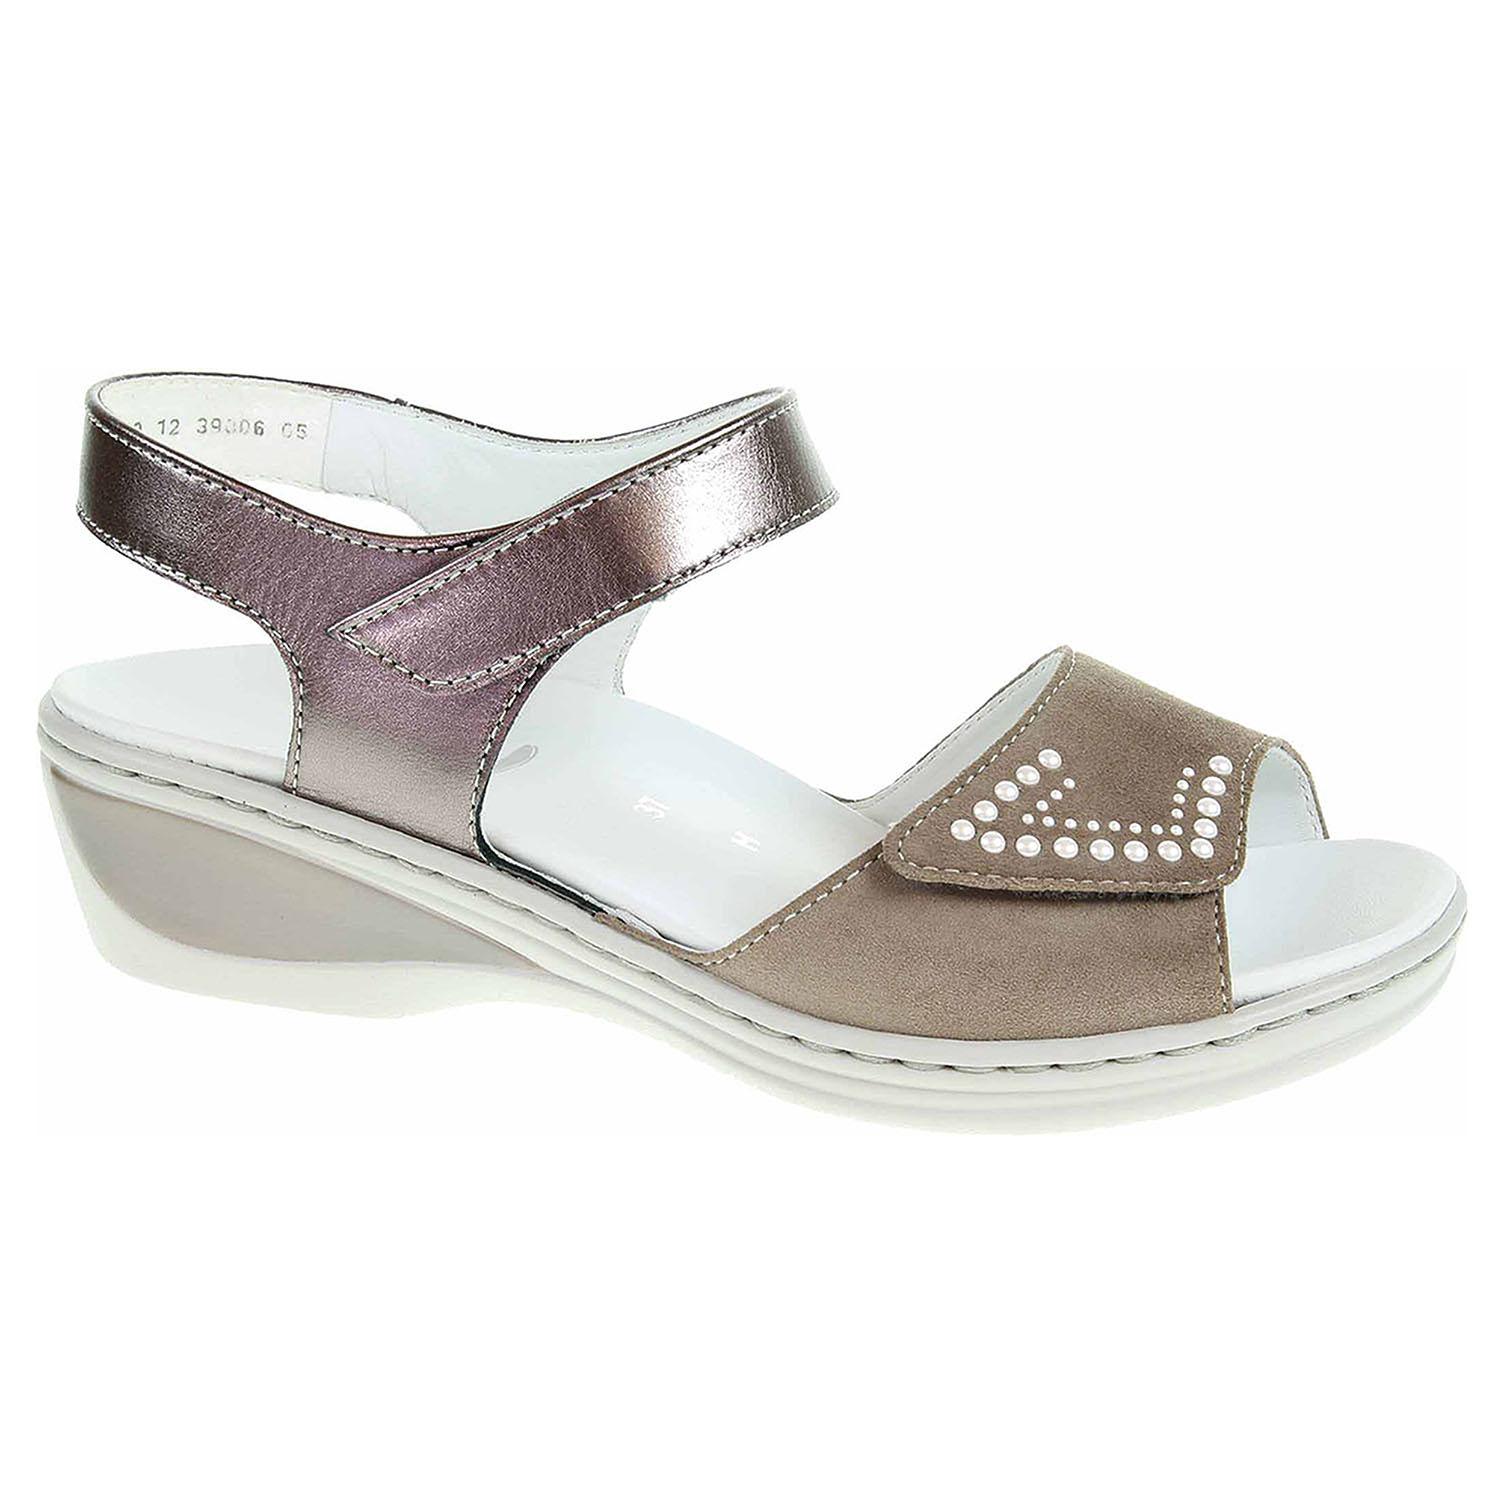 39006-05 taupe/street dámské sandály, H šíře, 2x s.zip, klínek